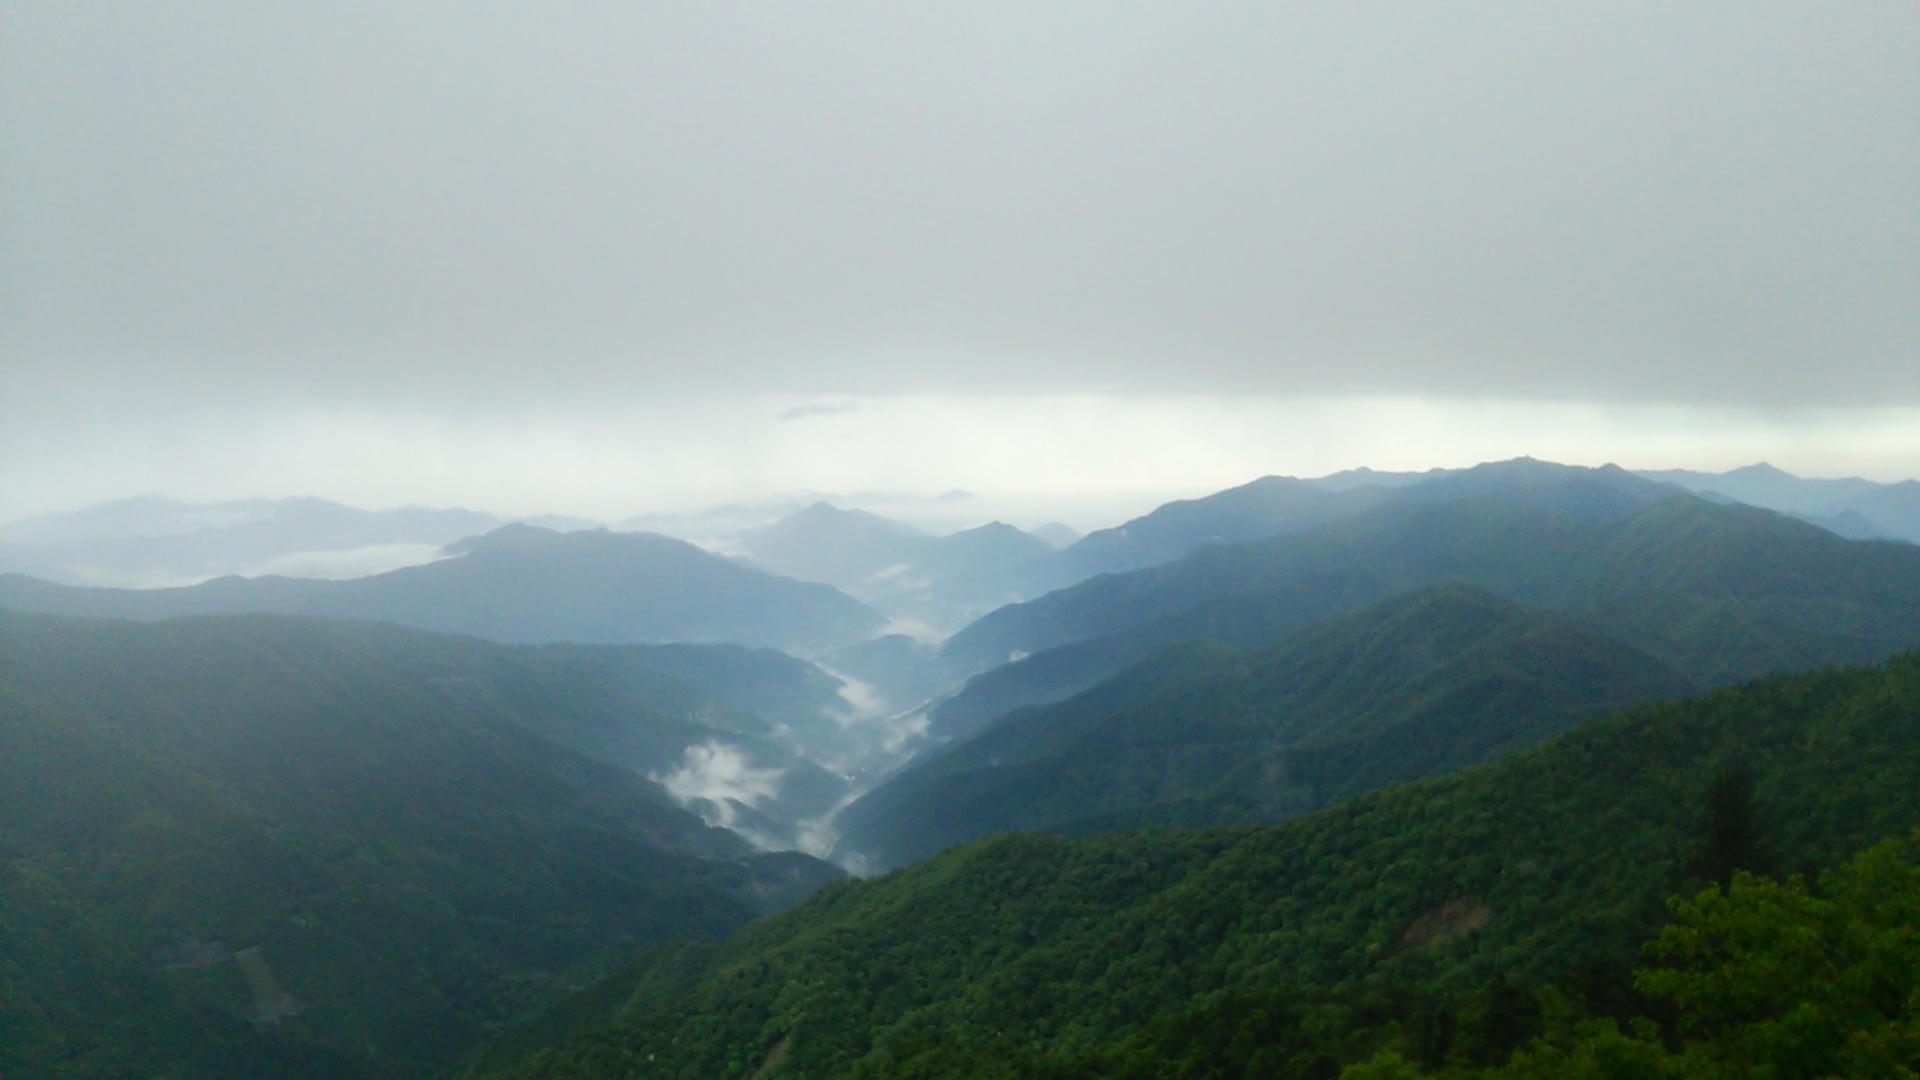 6月19日 朝の気温13℃。小雨?霧雨?_c0089831_6135413.jpg